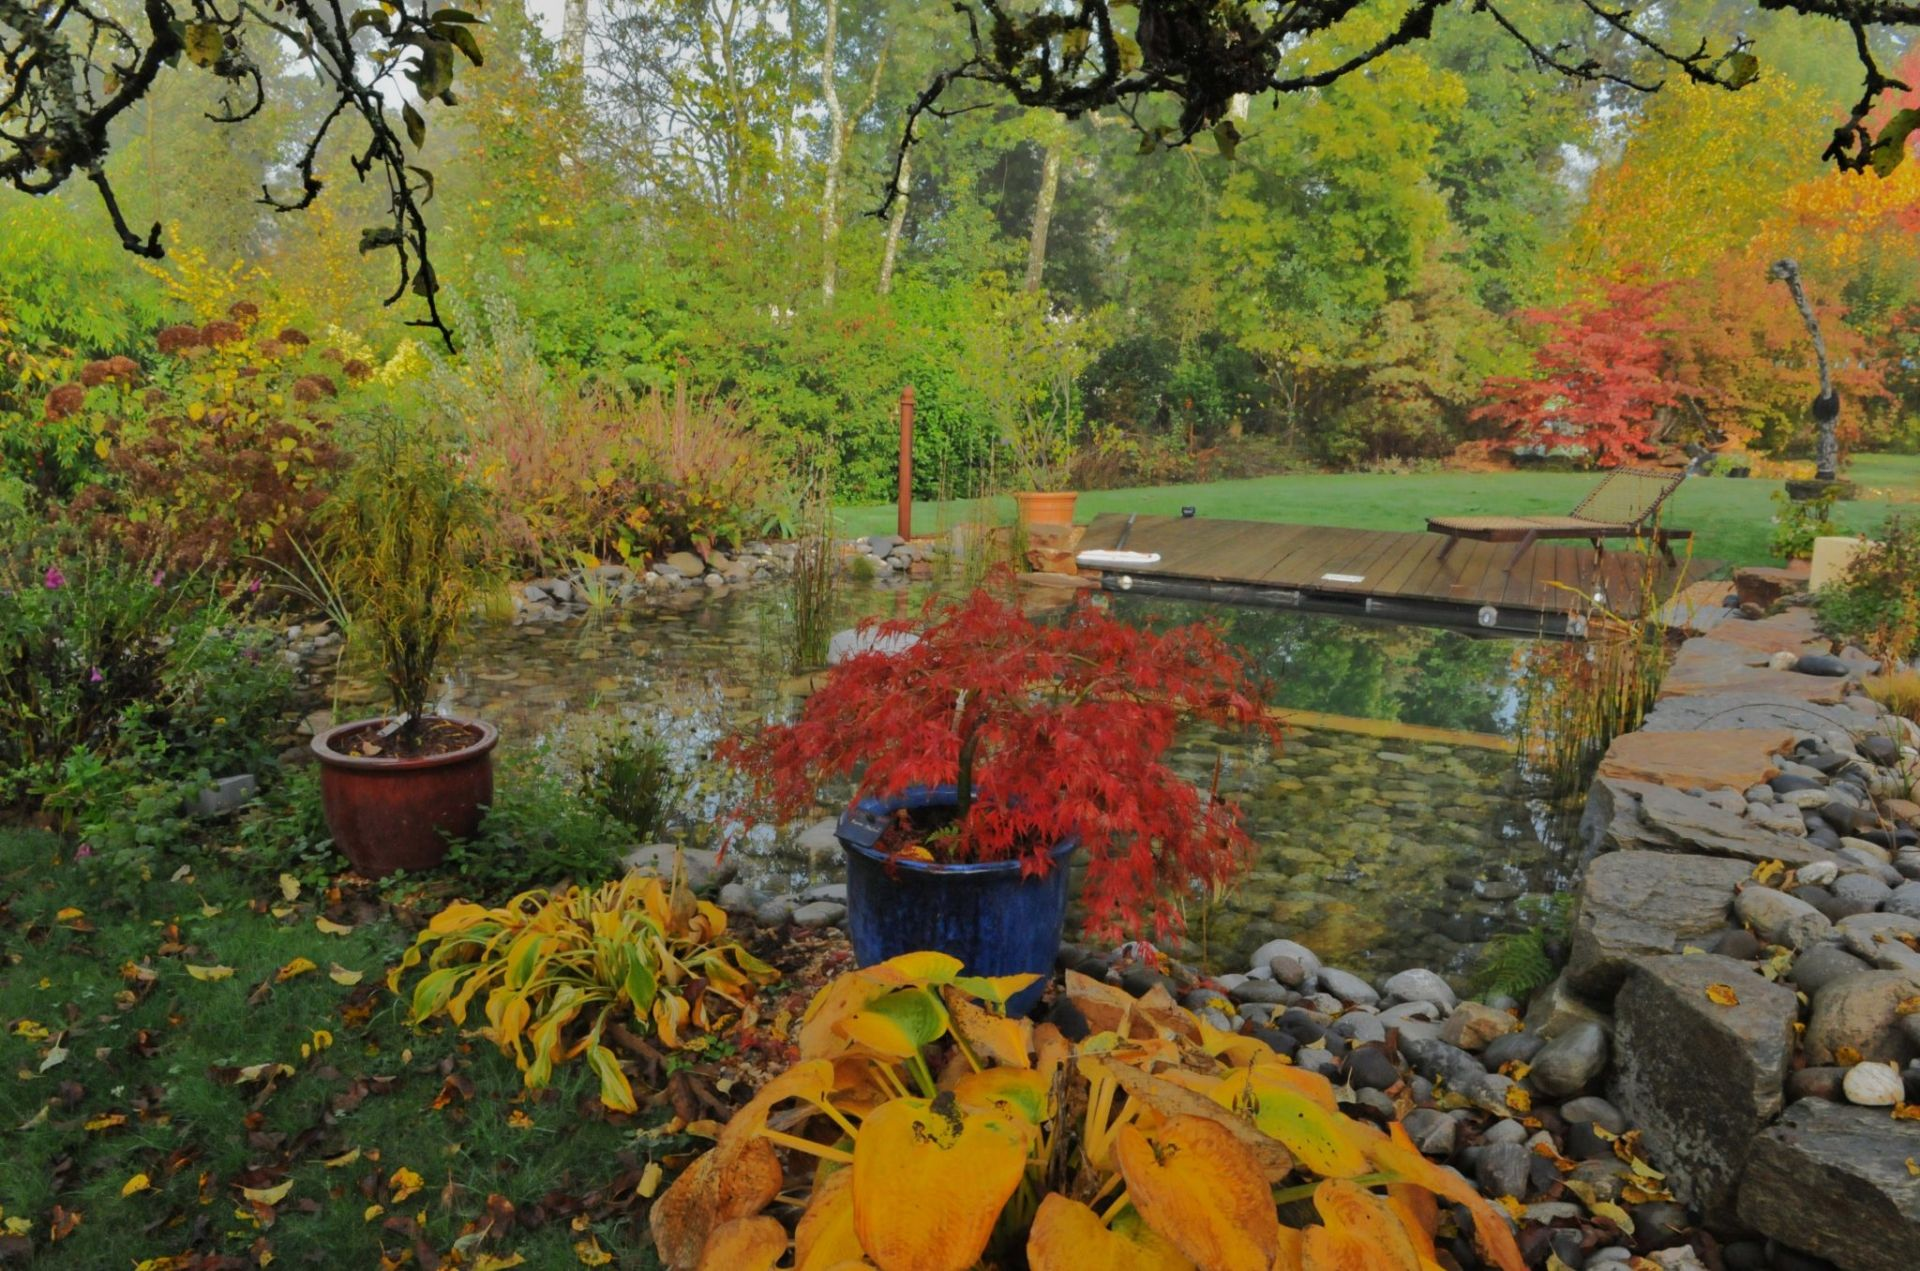 rebeyrol cr ateur de jardins. Black Bedroom Furniture Sets. Home Design Ideas